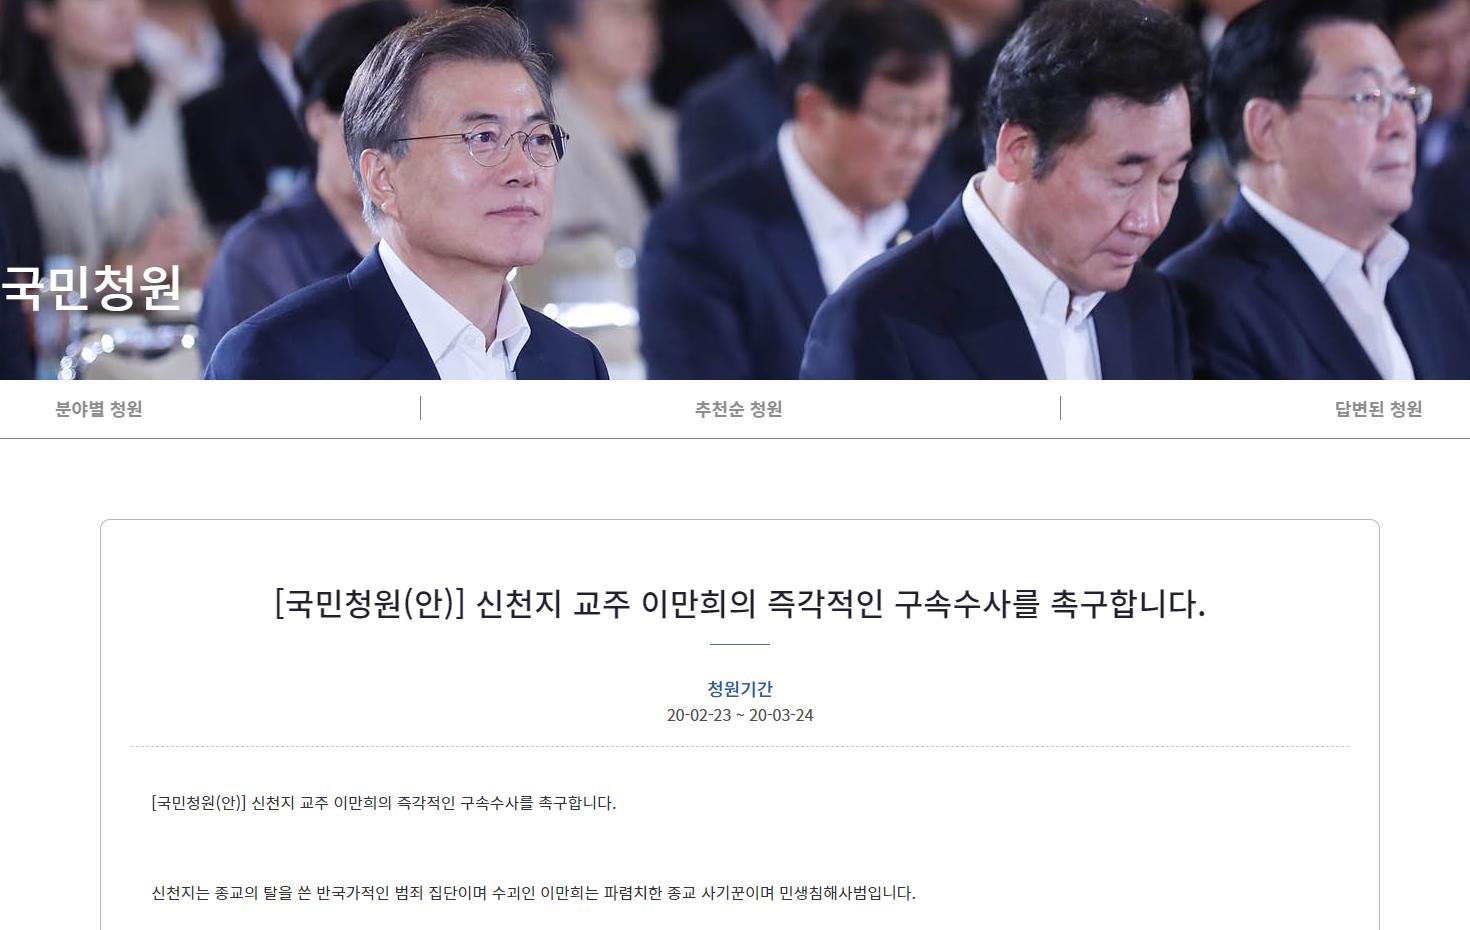 신천지 이만희 국민청원